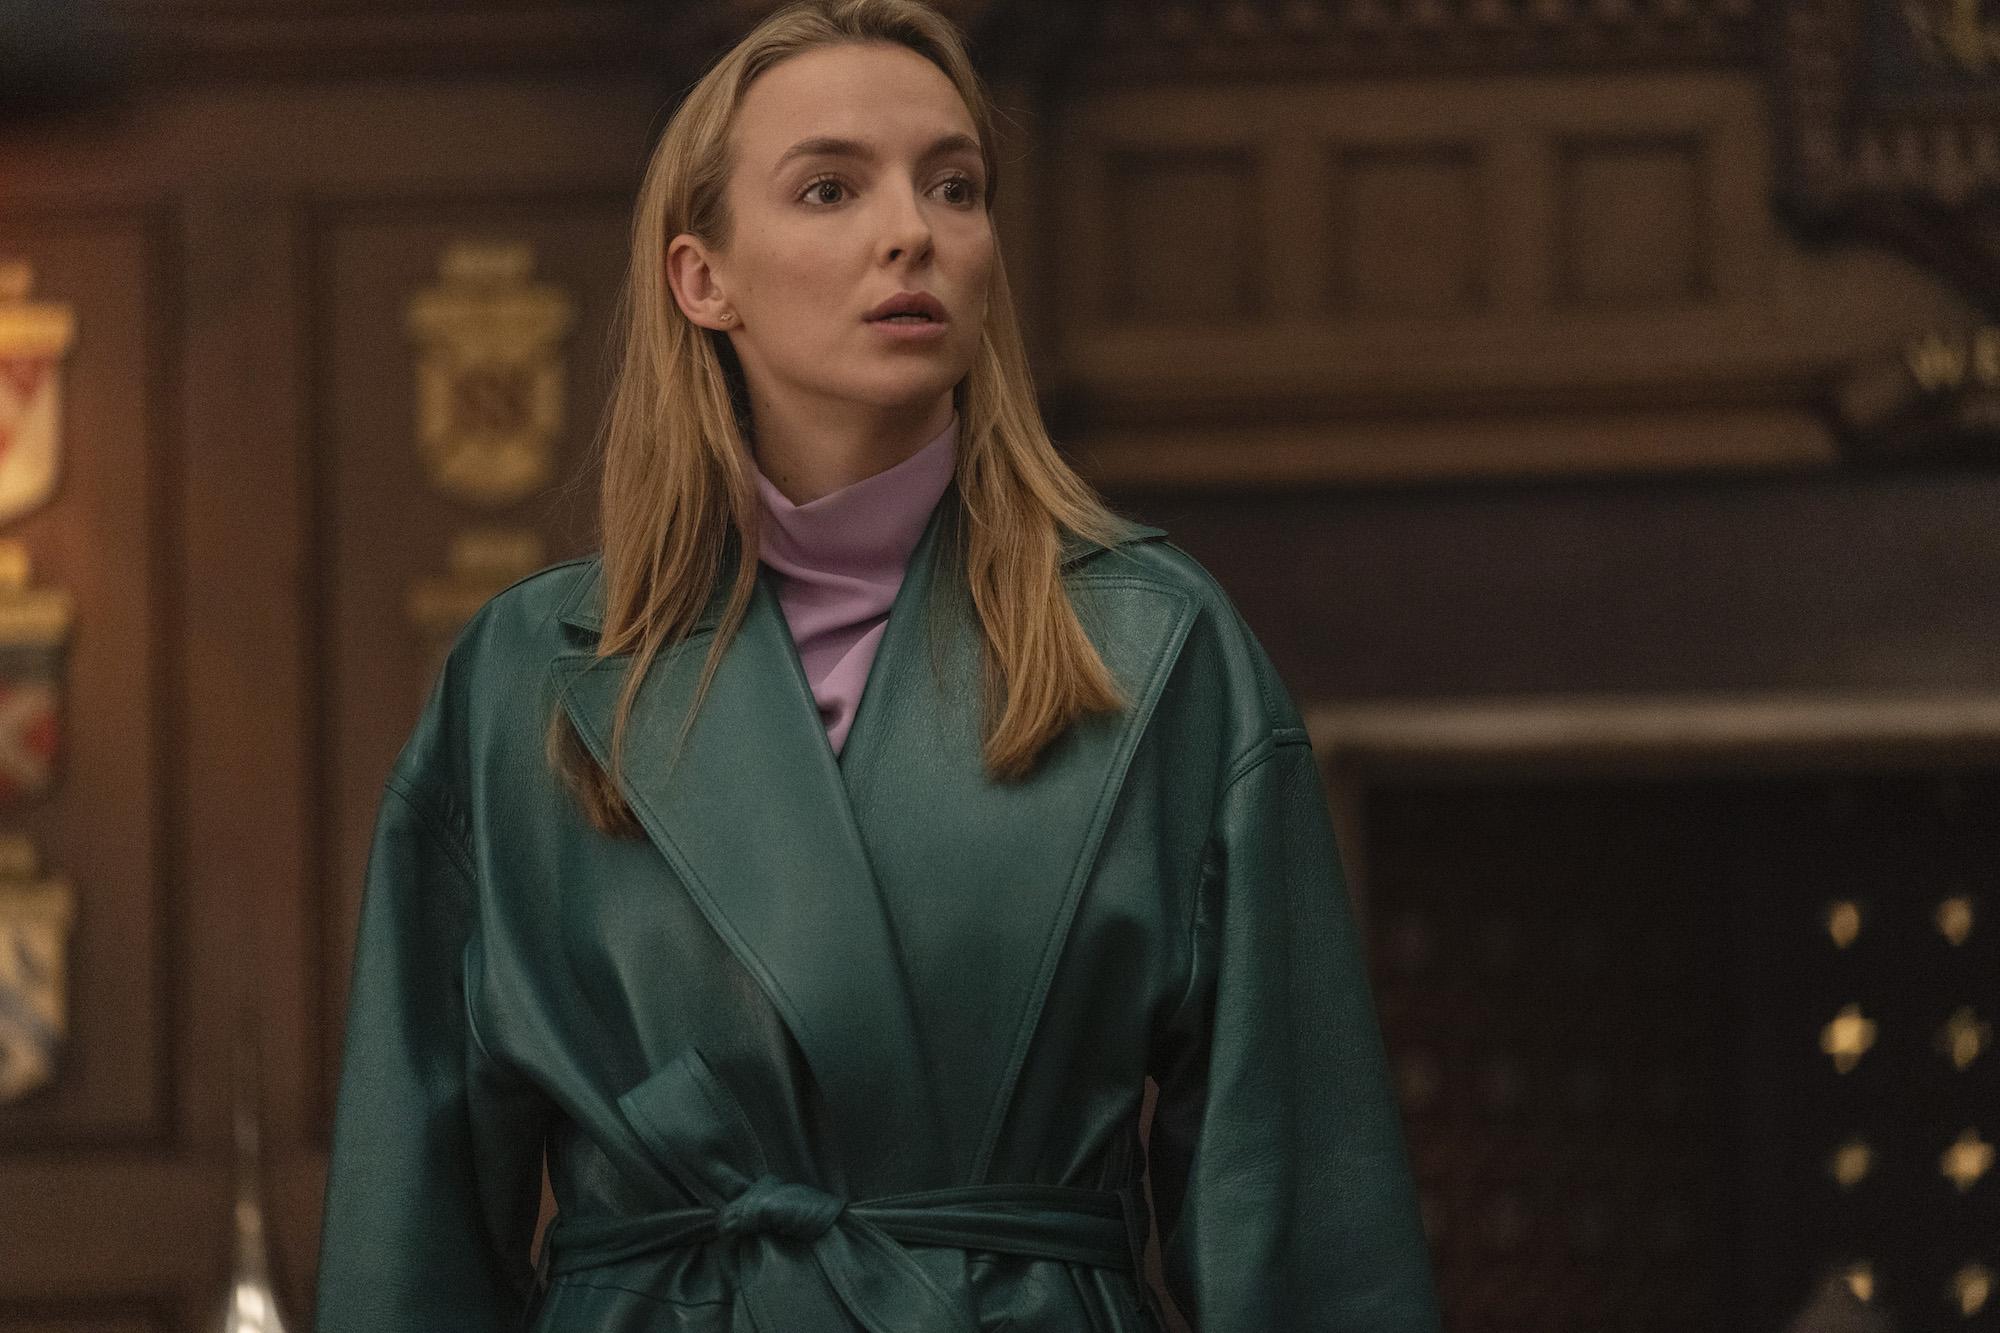 Jodie Comer as Villanelle in 'Killing Eve' Season 3